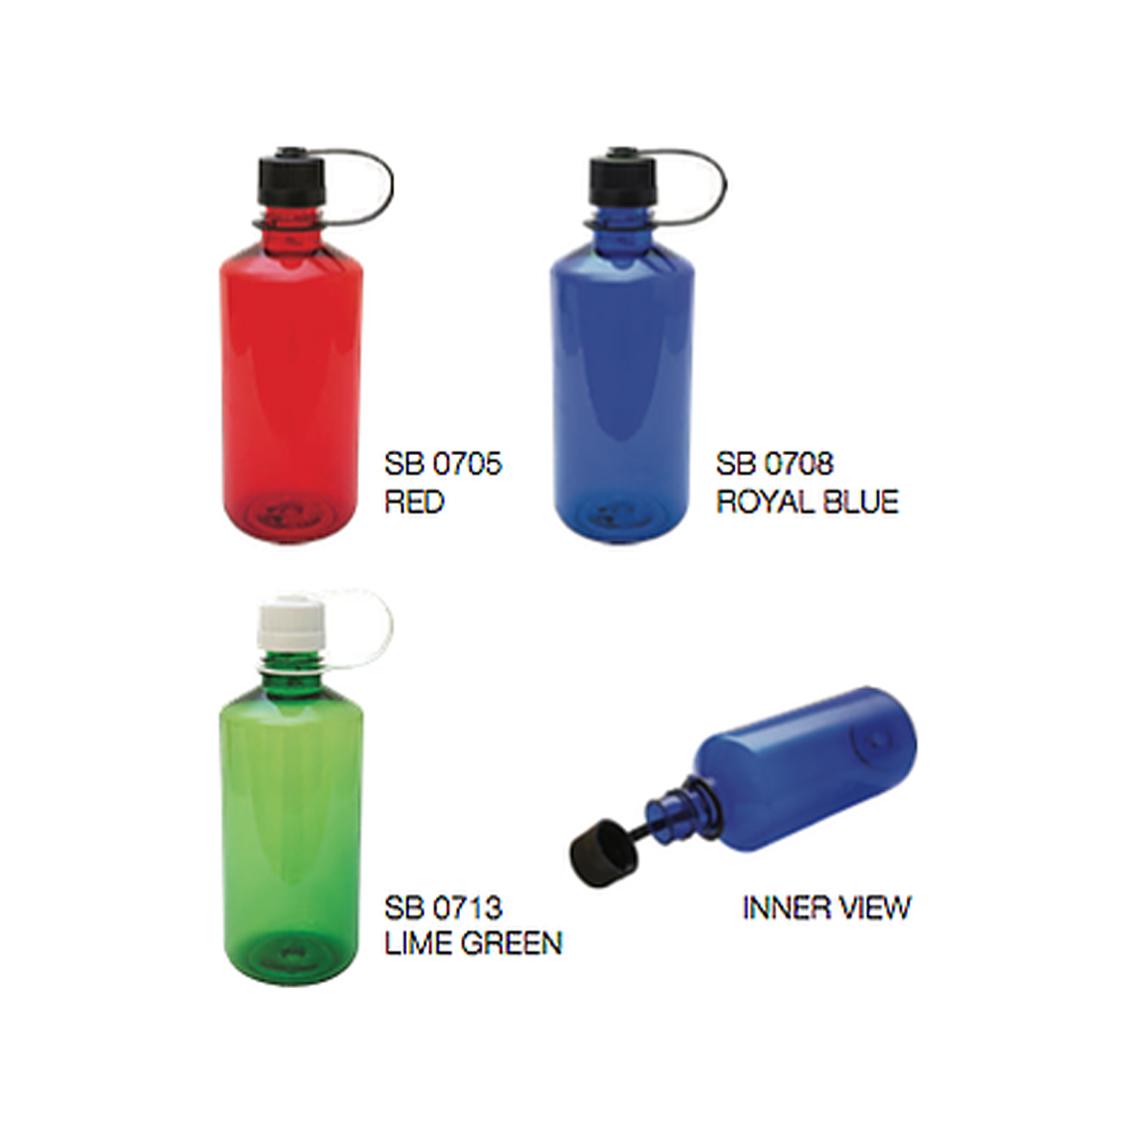 SB07 AS Material, 1000 ml 2